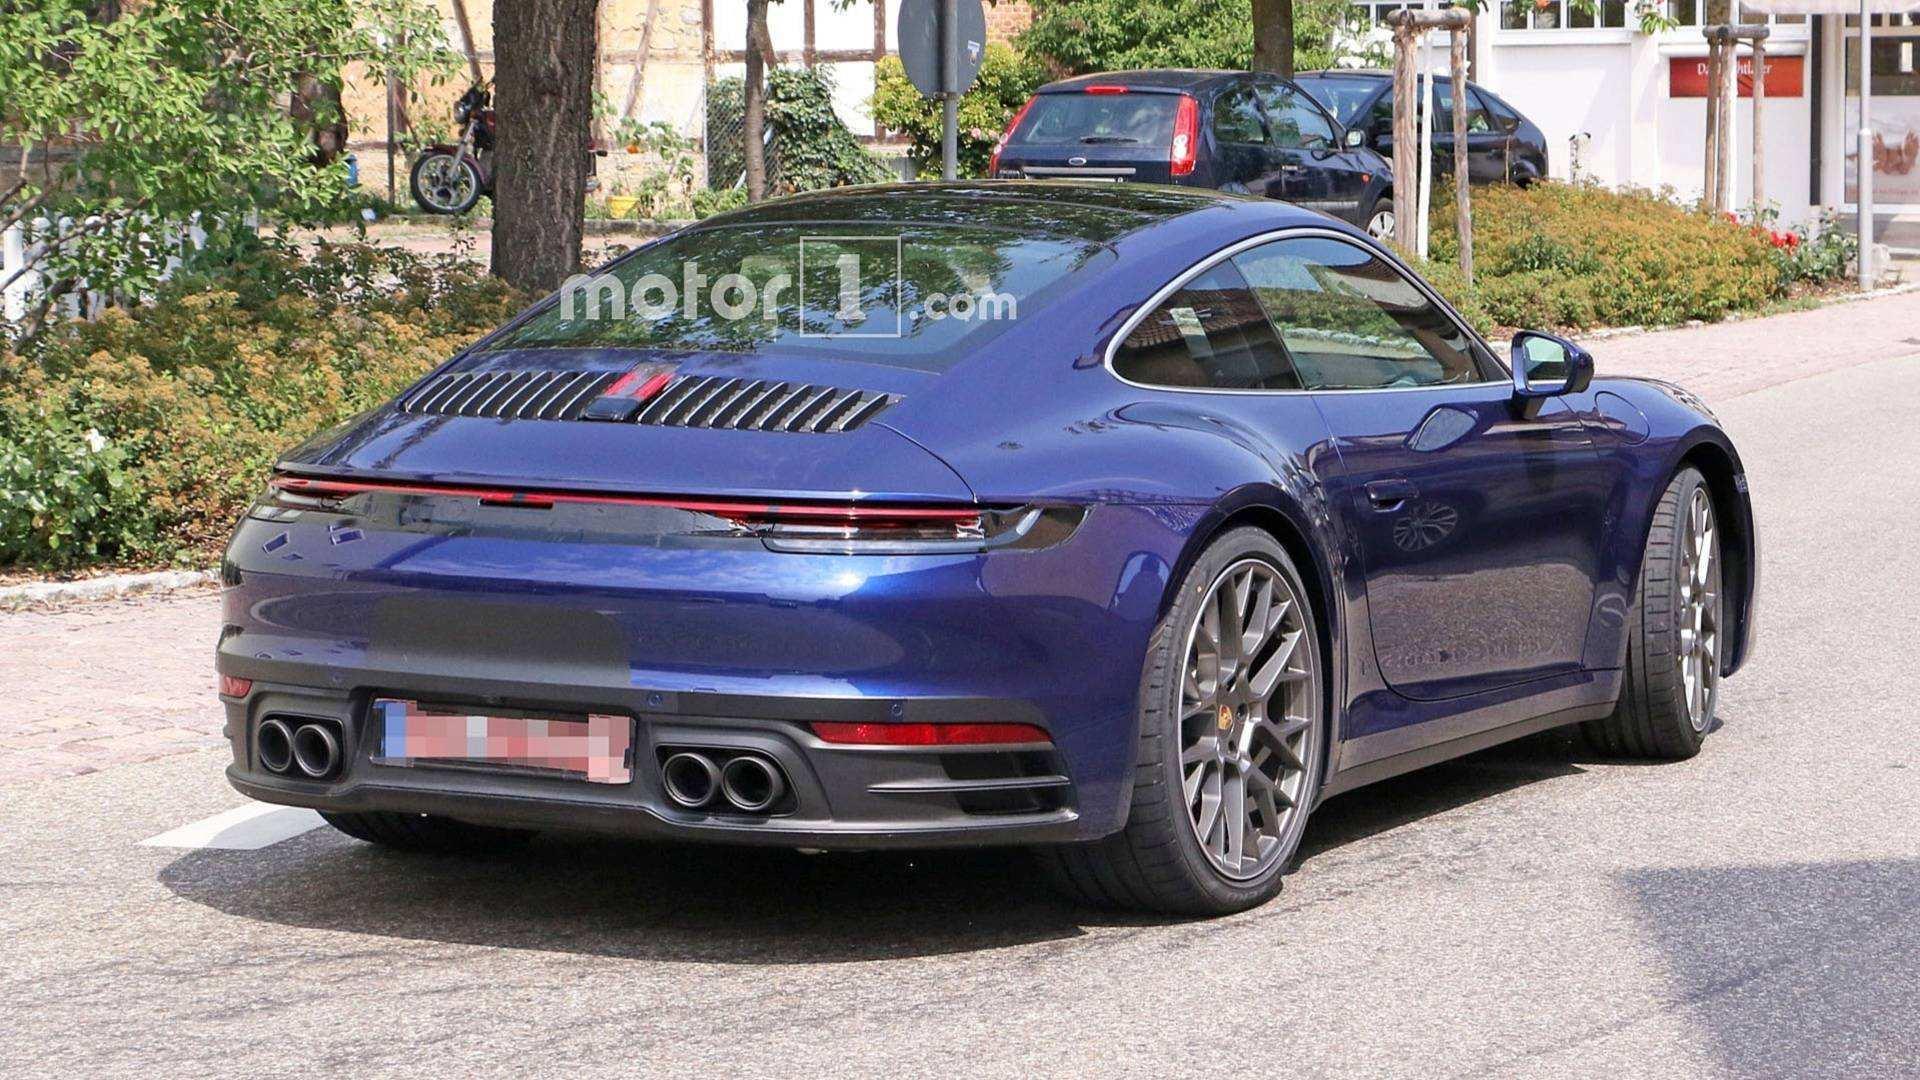 80 Concept of Porsche Modelli 2020 Photos with Porsche Modelli 2020